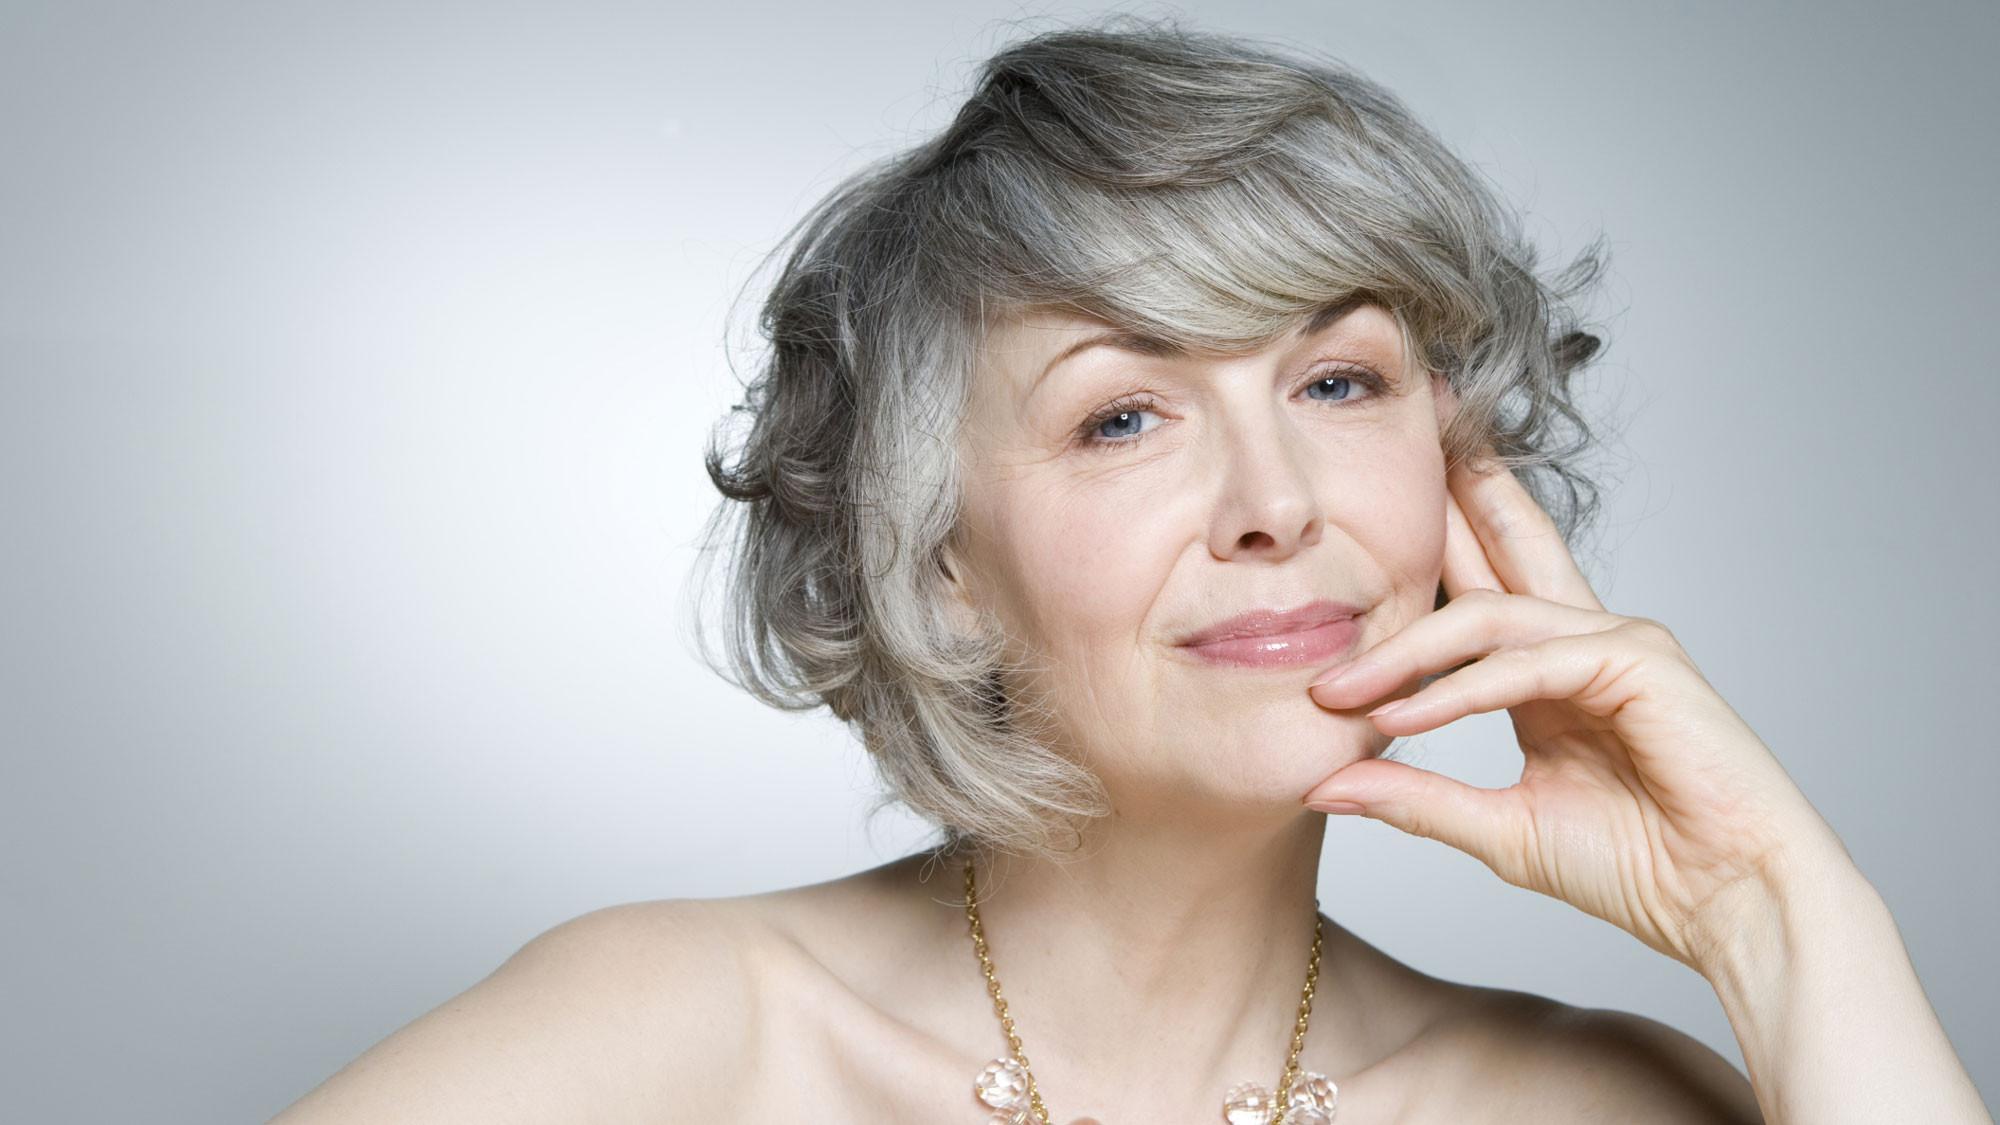 Гормонотерапия при менопаузе не связана с риском преждевременной смерти